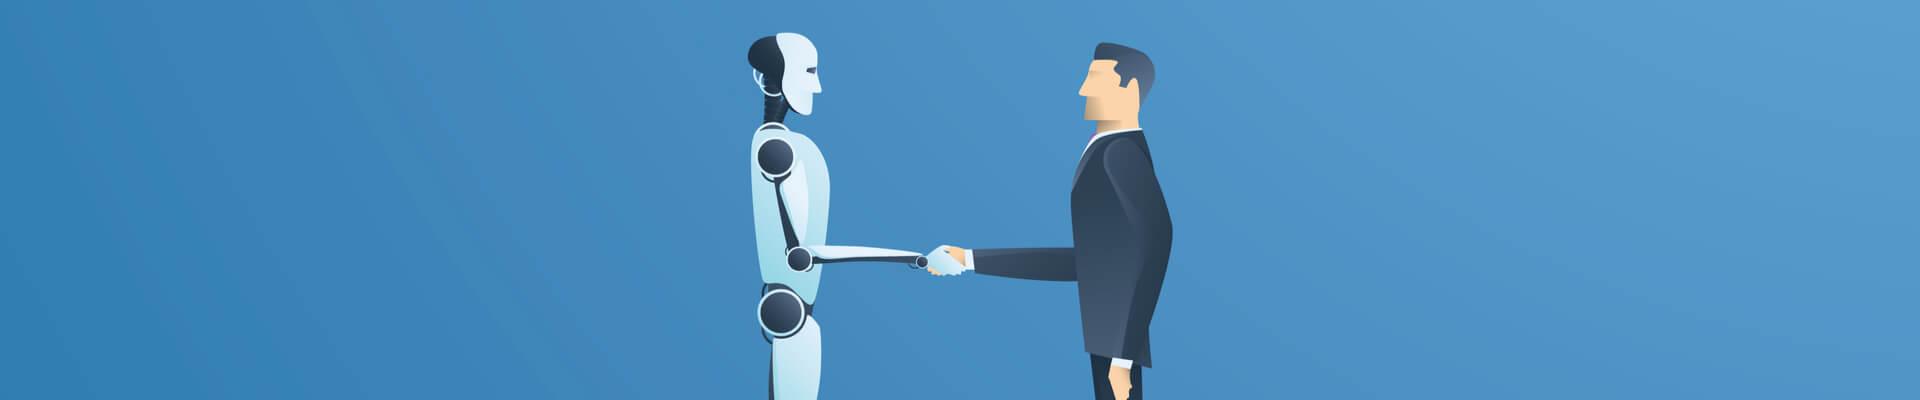 人工智能结合专利大数据